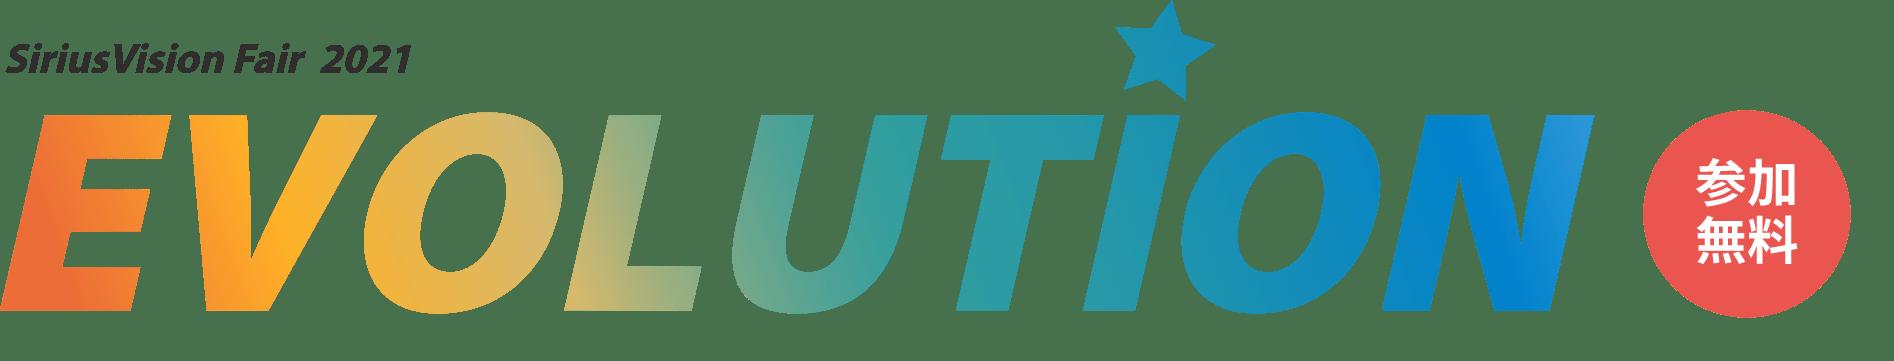 SiriusVision Fair 2021 EVOLUTION 参加無料